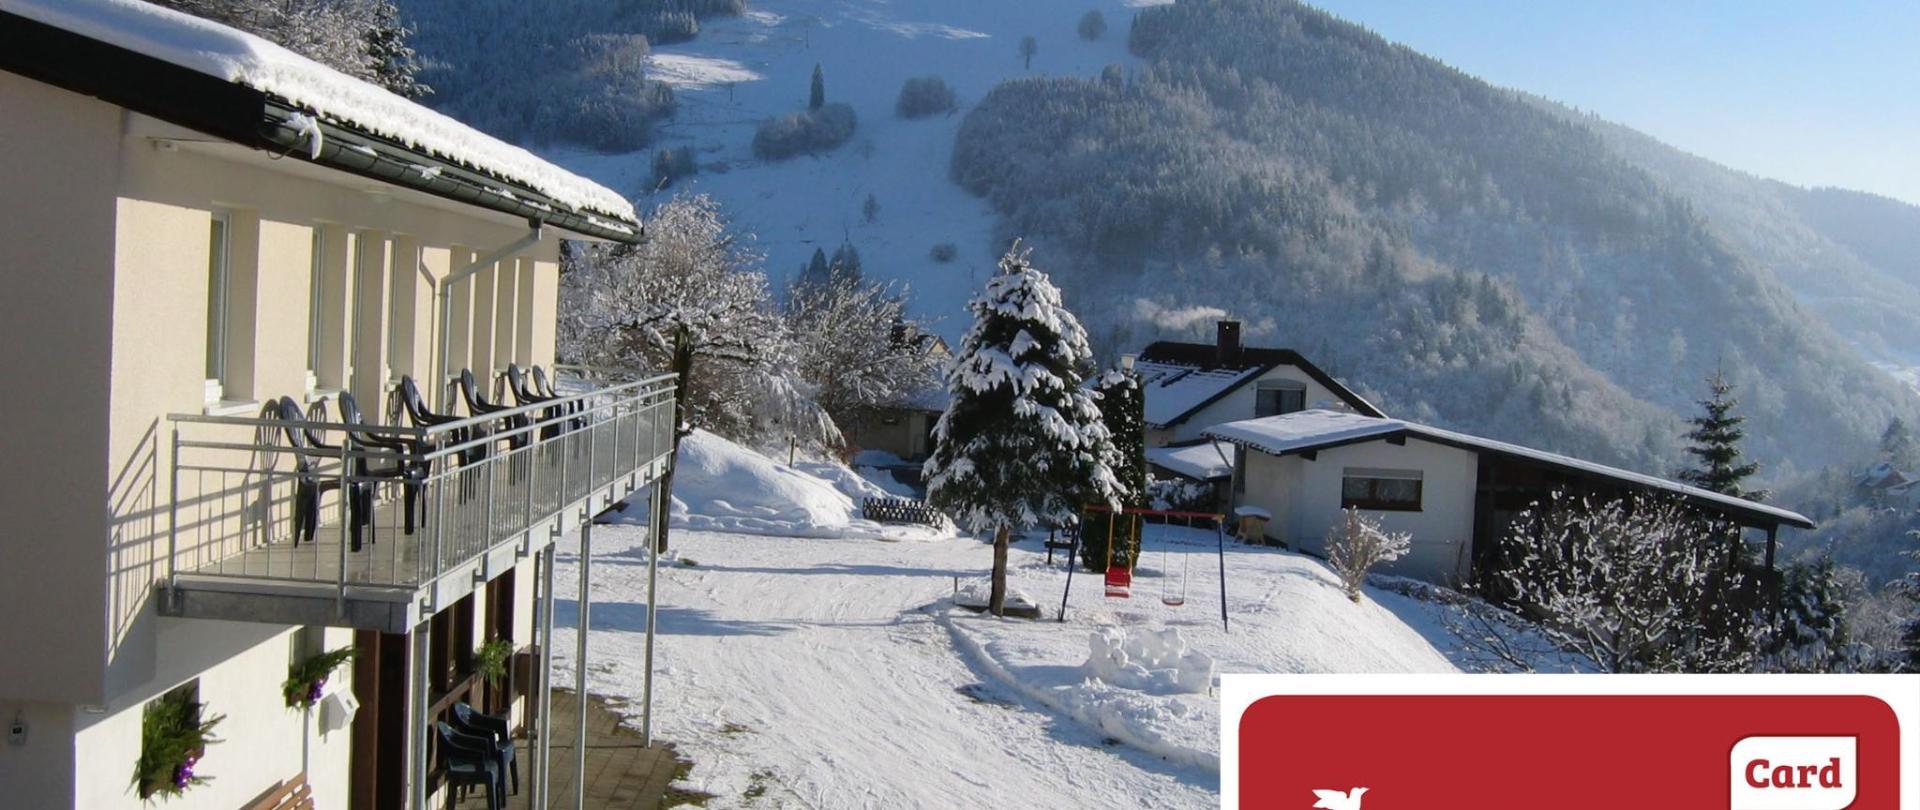 Winterbild GHS mit HSC.jpg